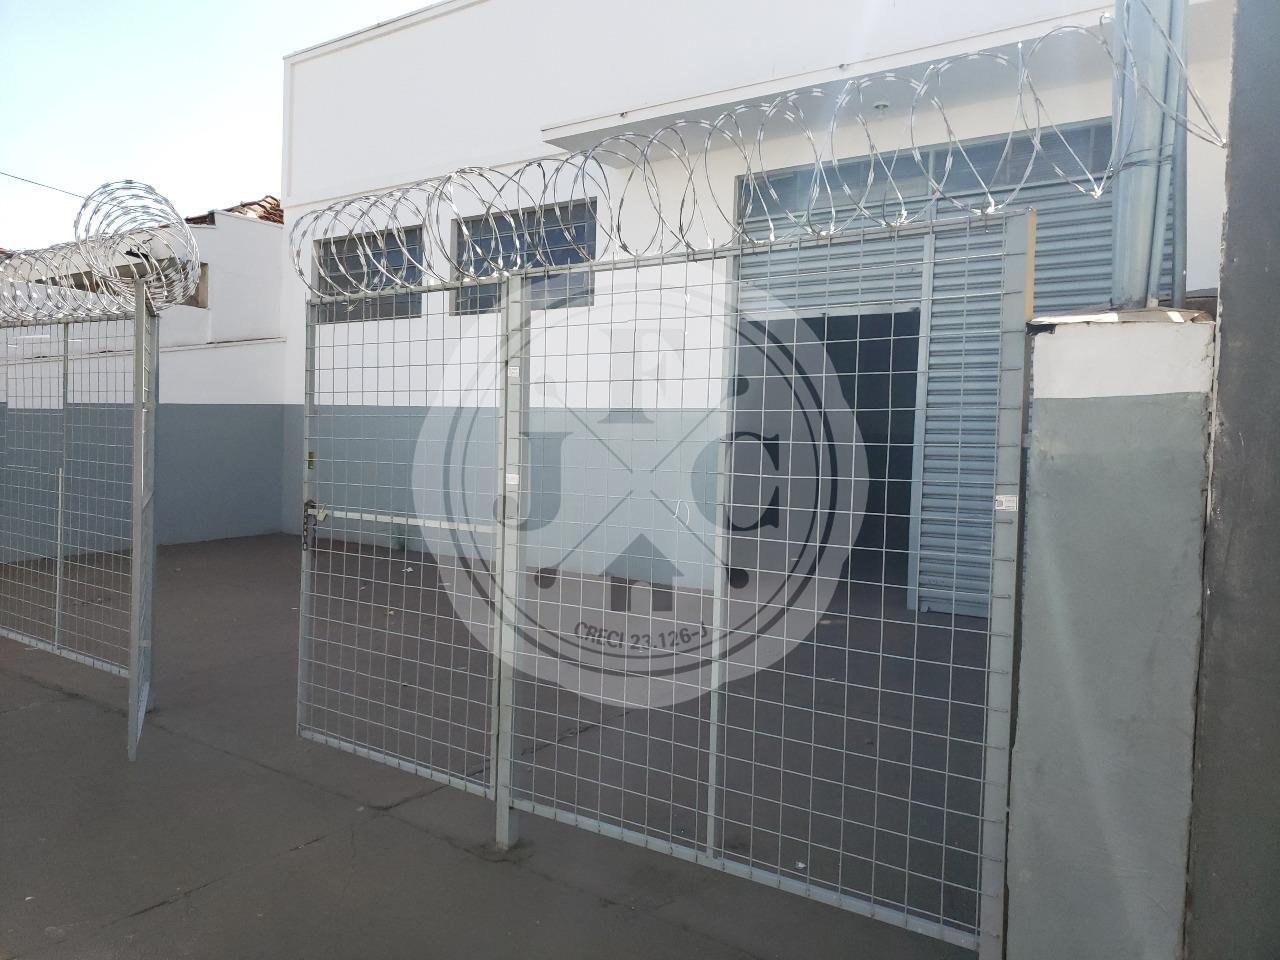 Salão comercial para locação com 175 m² de área construída no Campos Elísios.